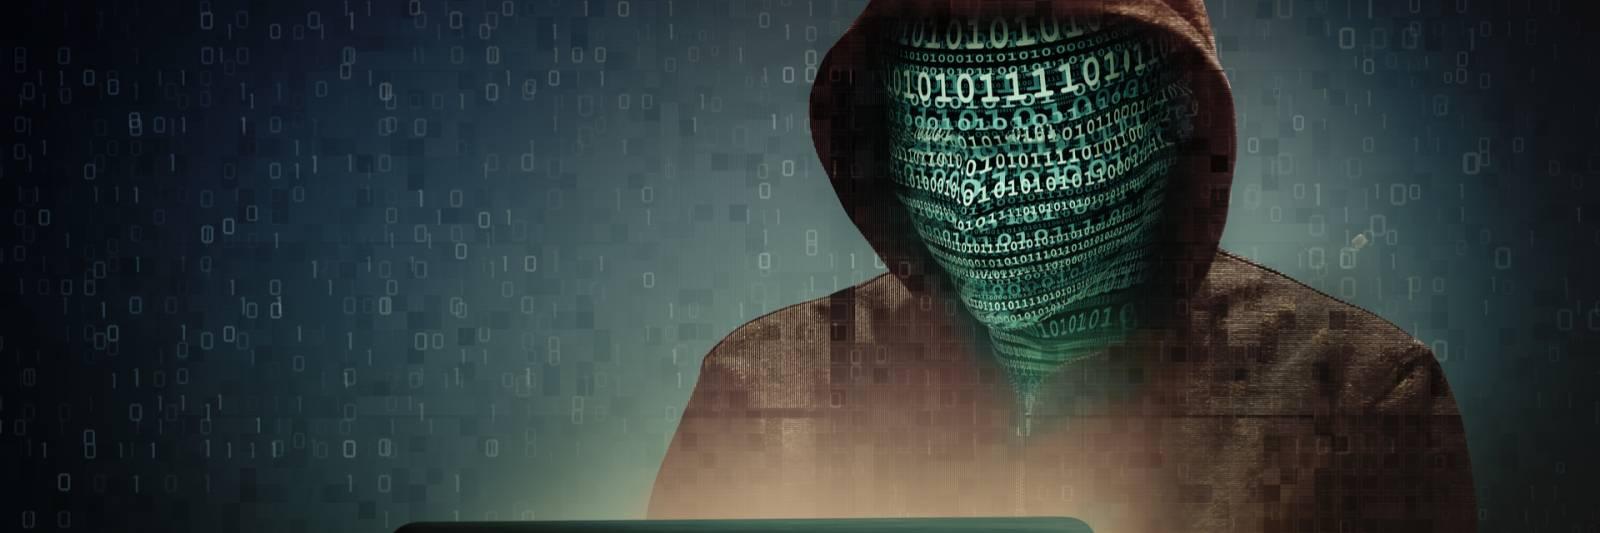 hackers leak data from dark web marketplace